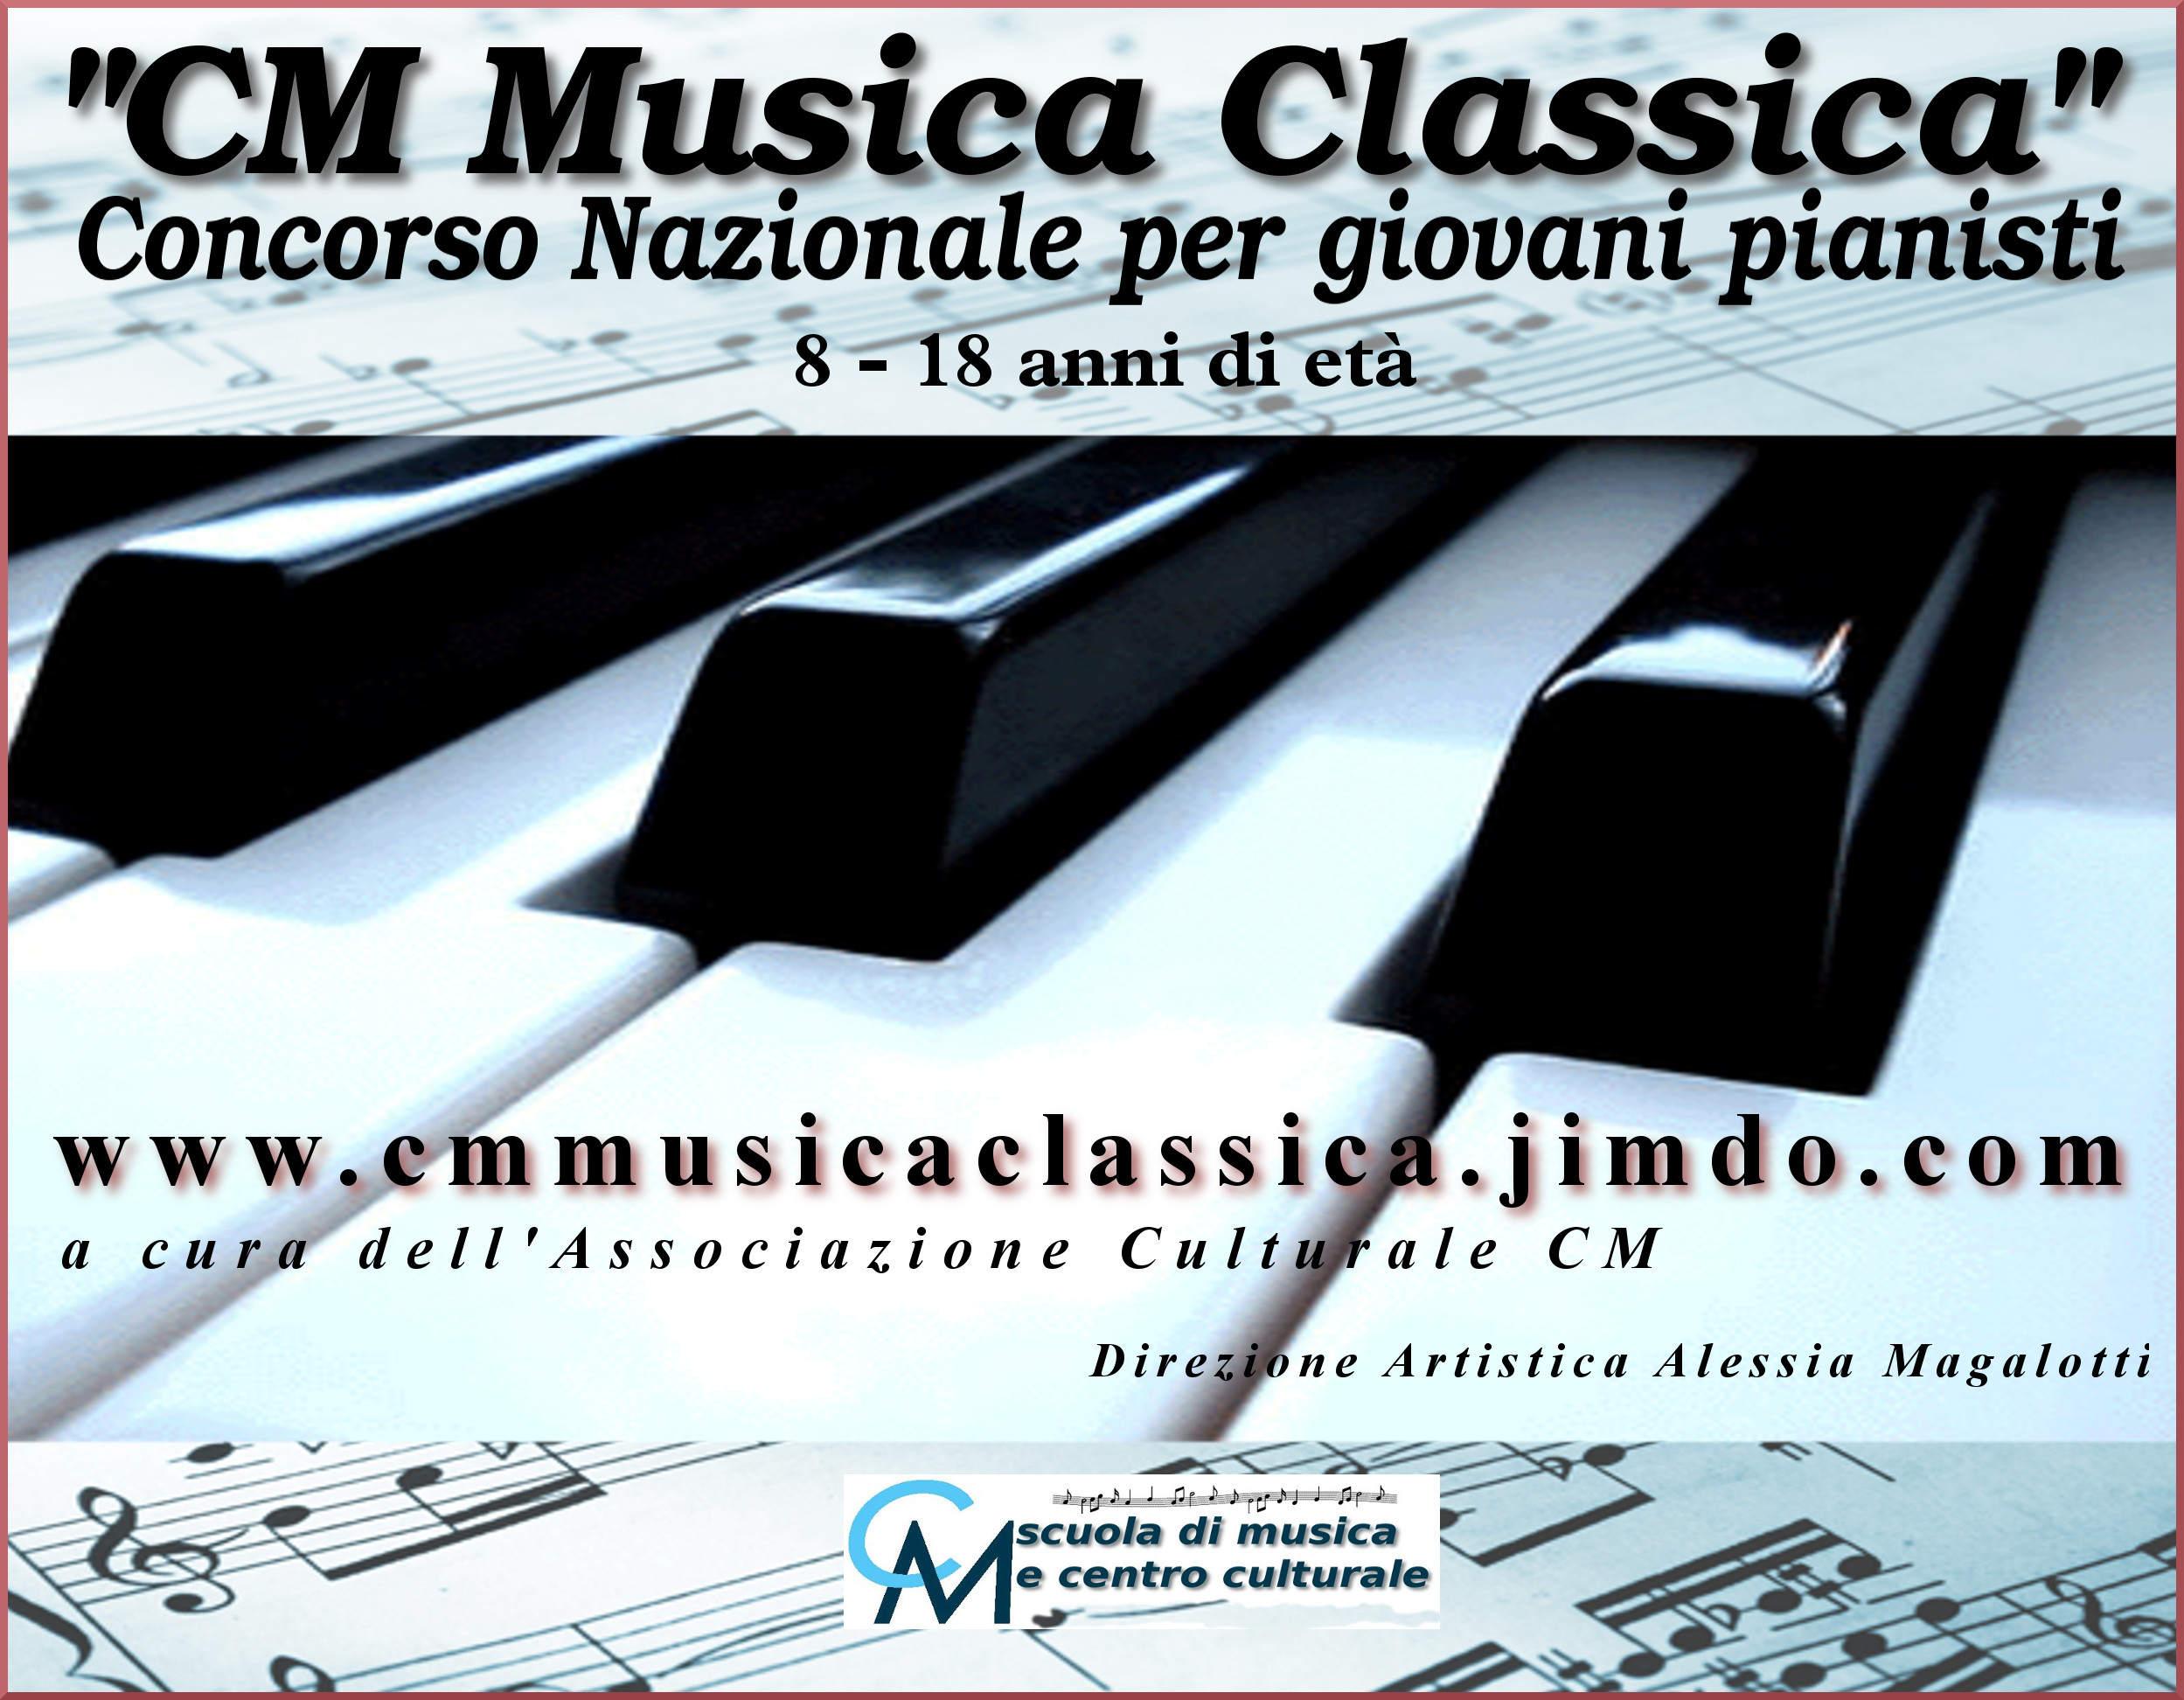 CM musica classica